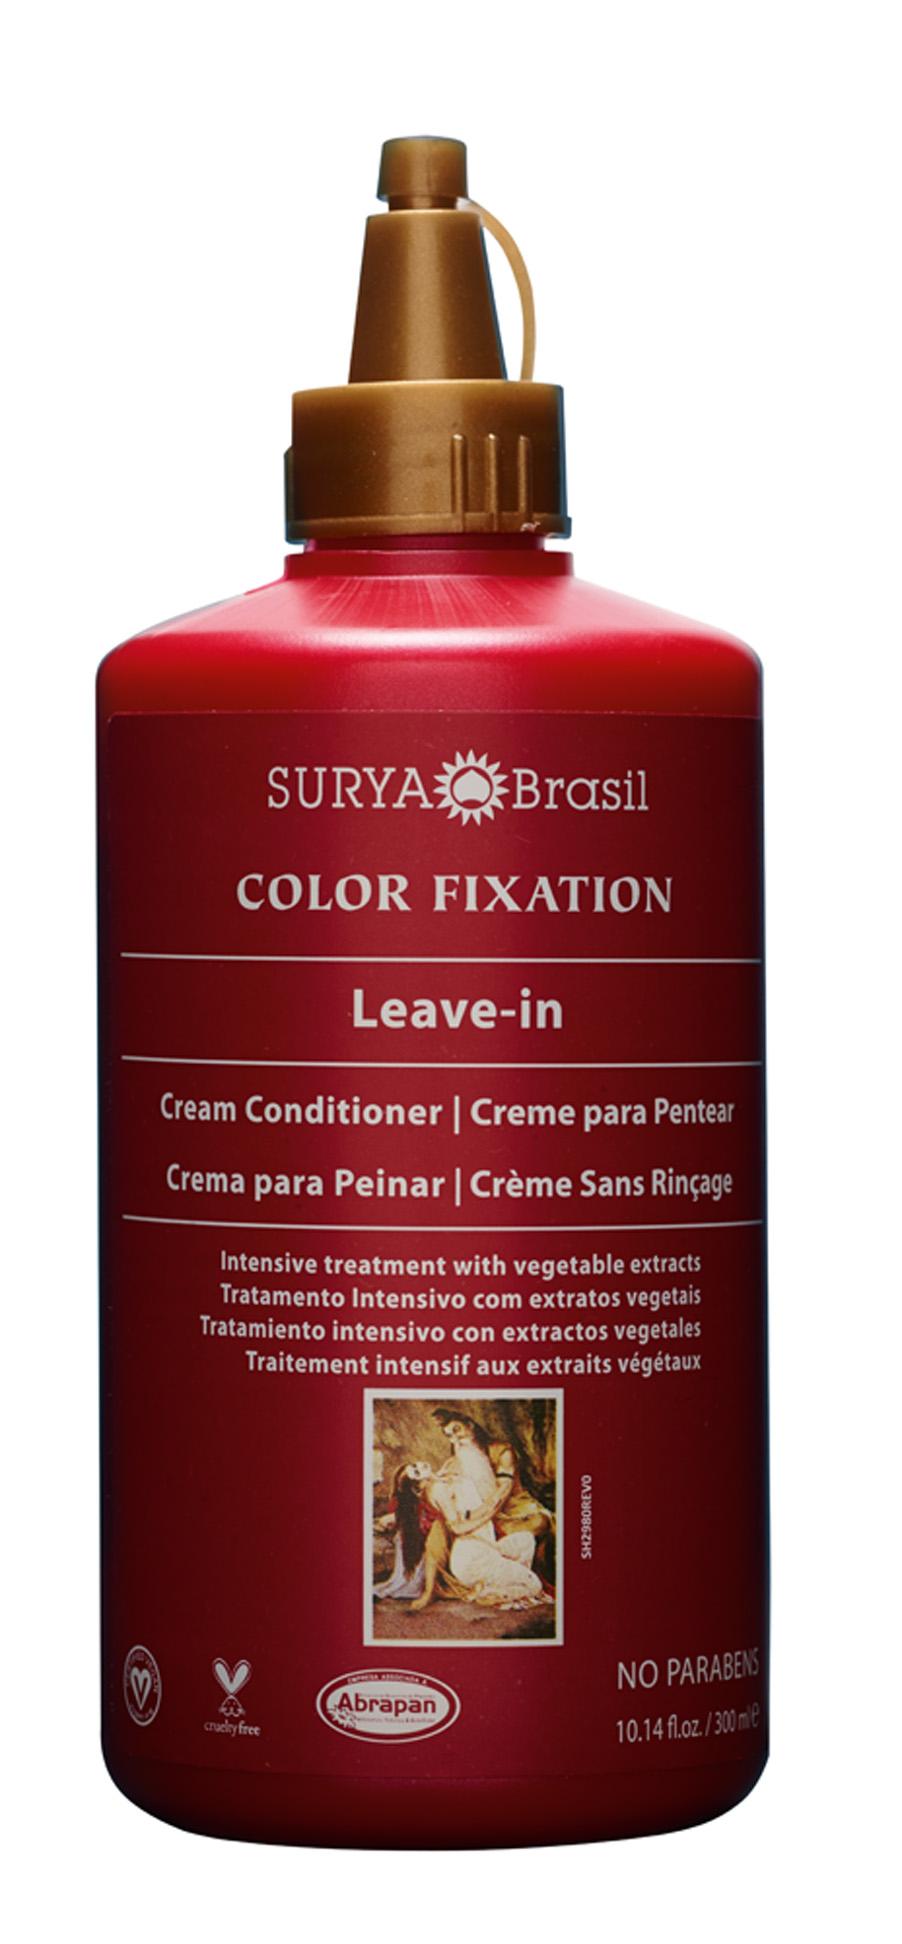 """Pele macia  """"Todos os produtos da Surya Brasil são bem legais e naturais. Na praia, uso o leave-in para desembaraçar o cabelo """""""